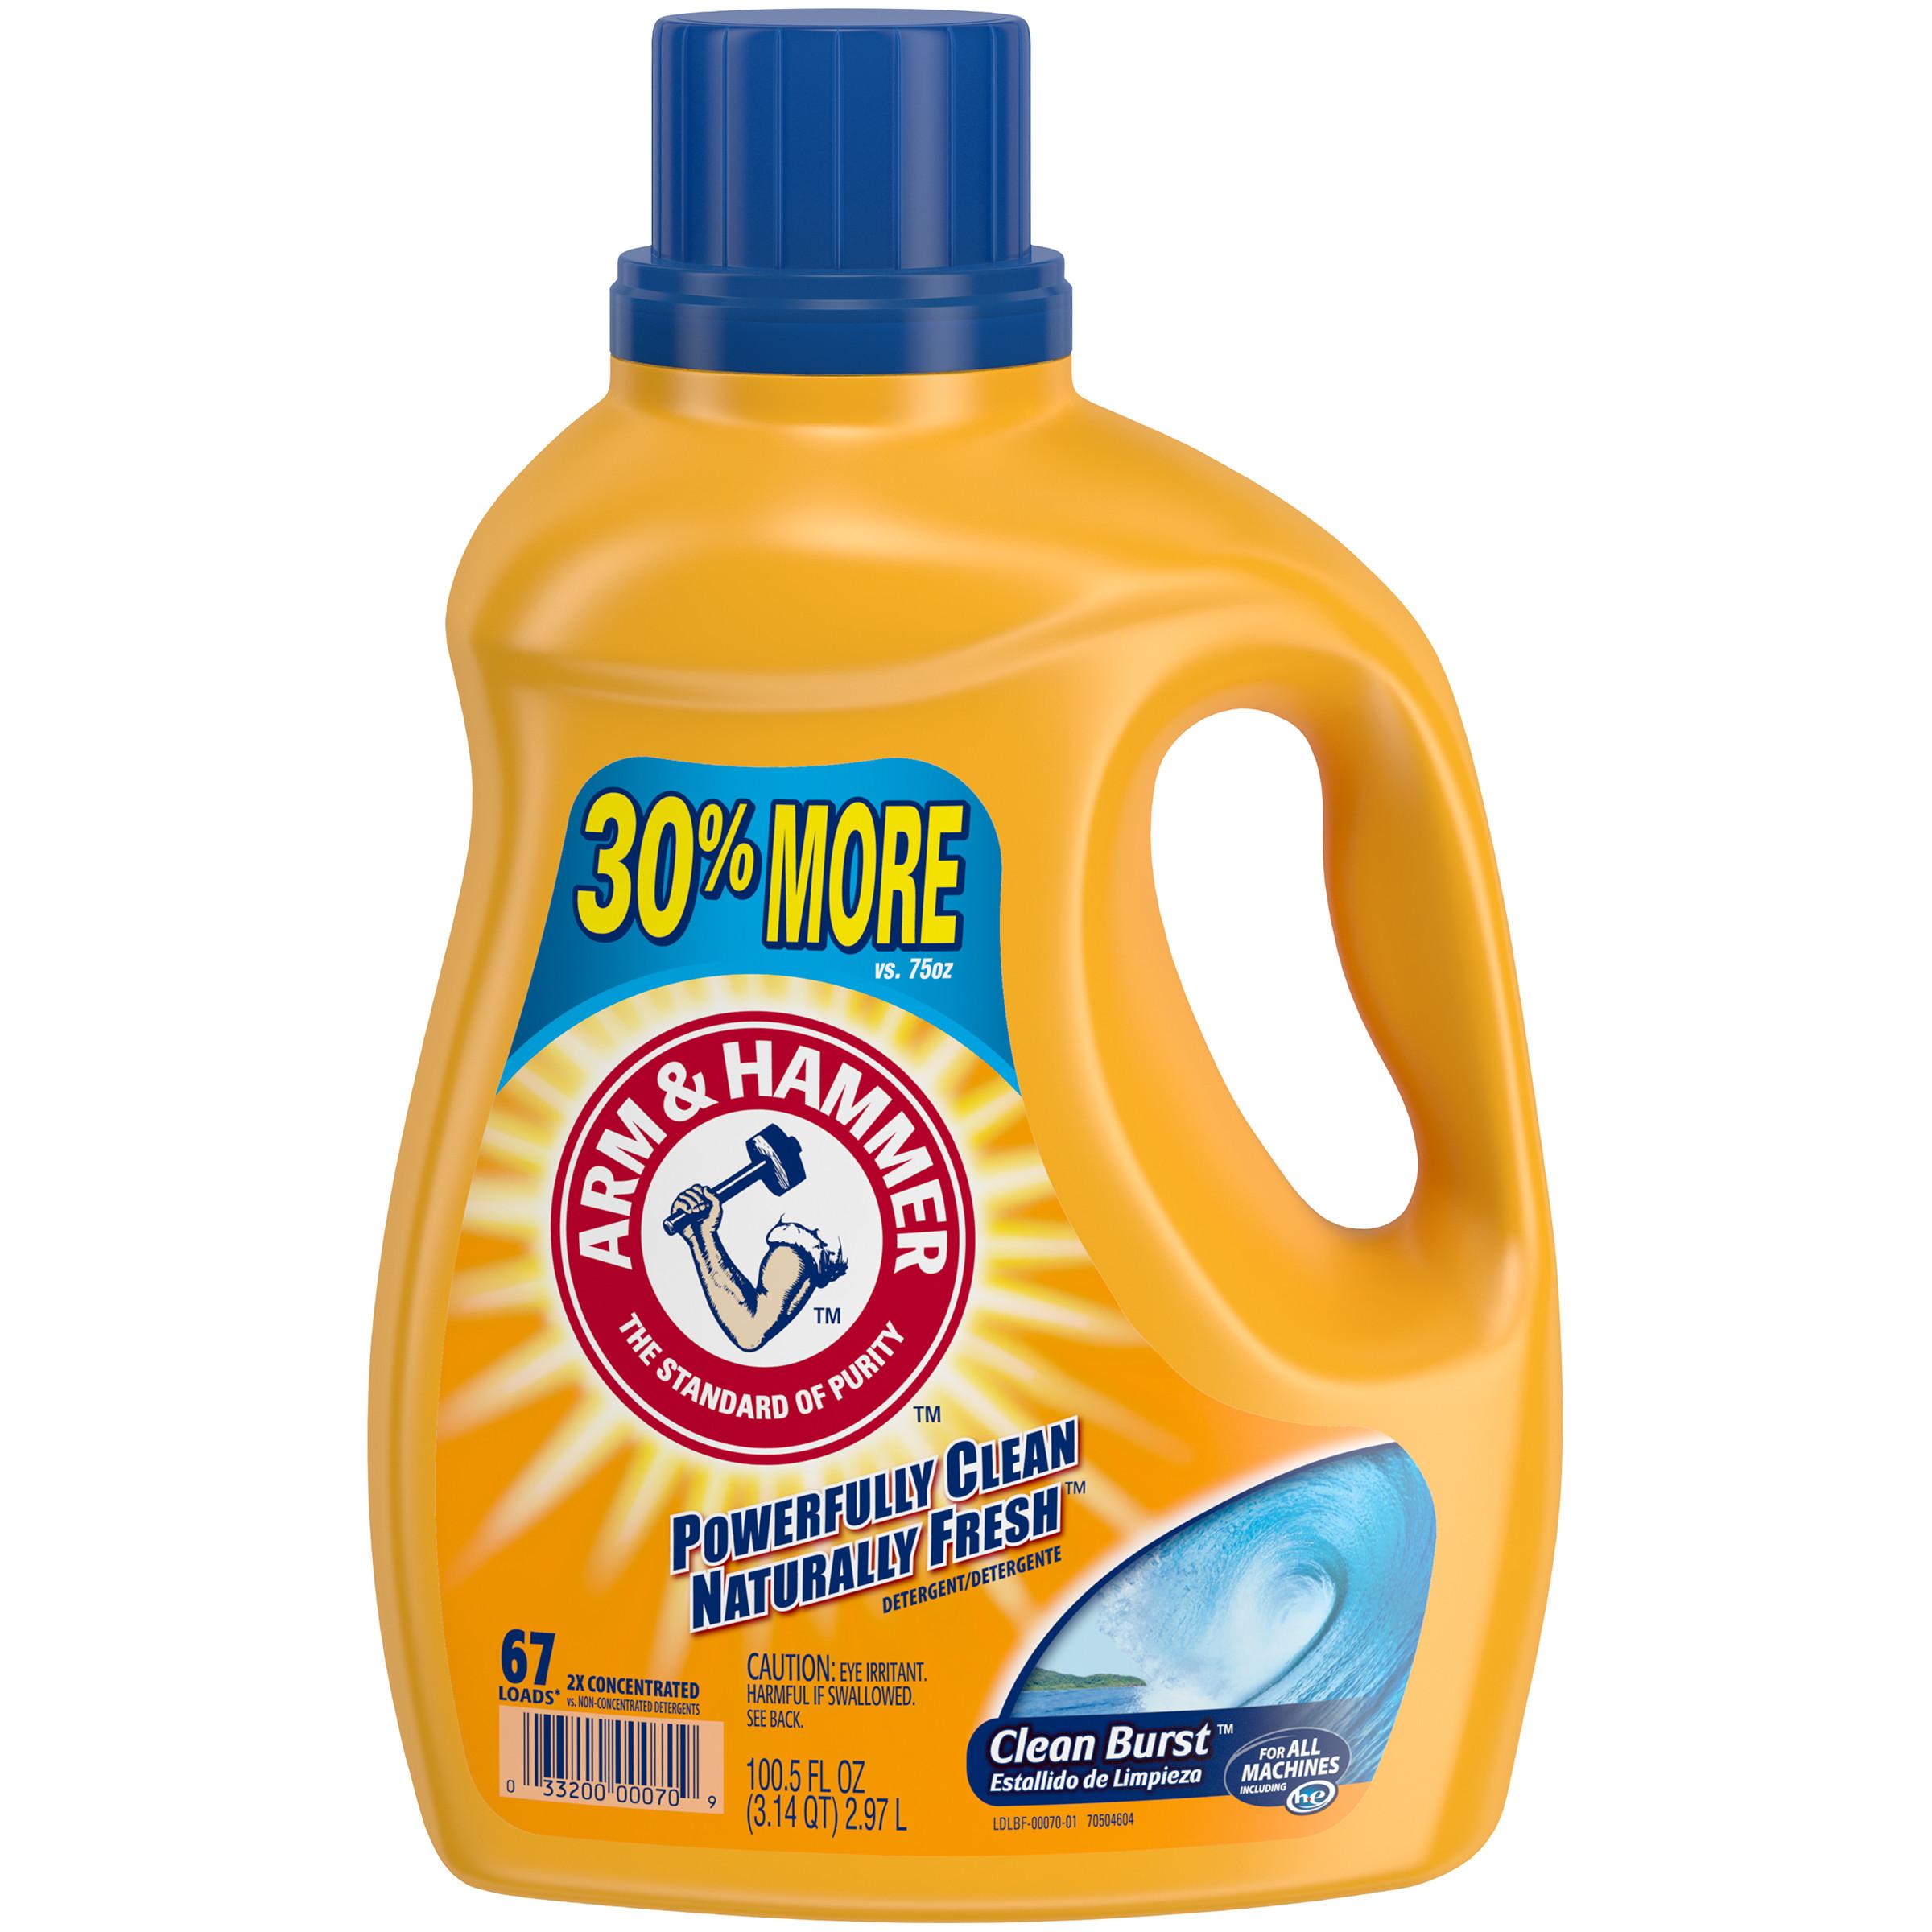 Arm & Hammer Clean Burst Liquid Laundry Detergent, 100.5 fl oz